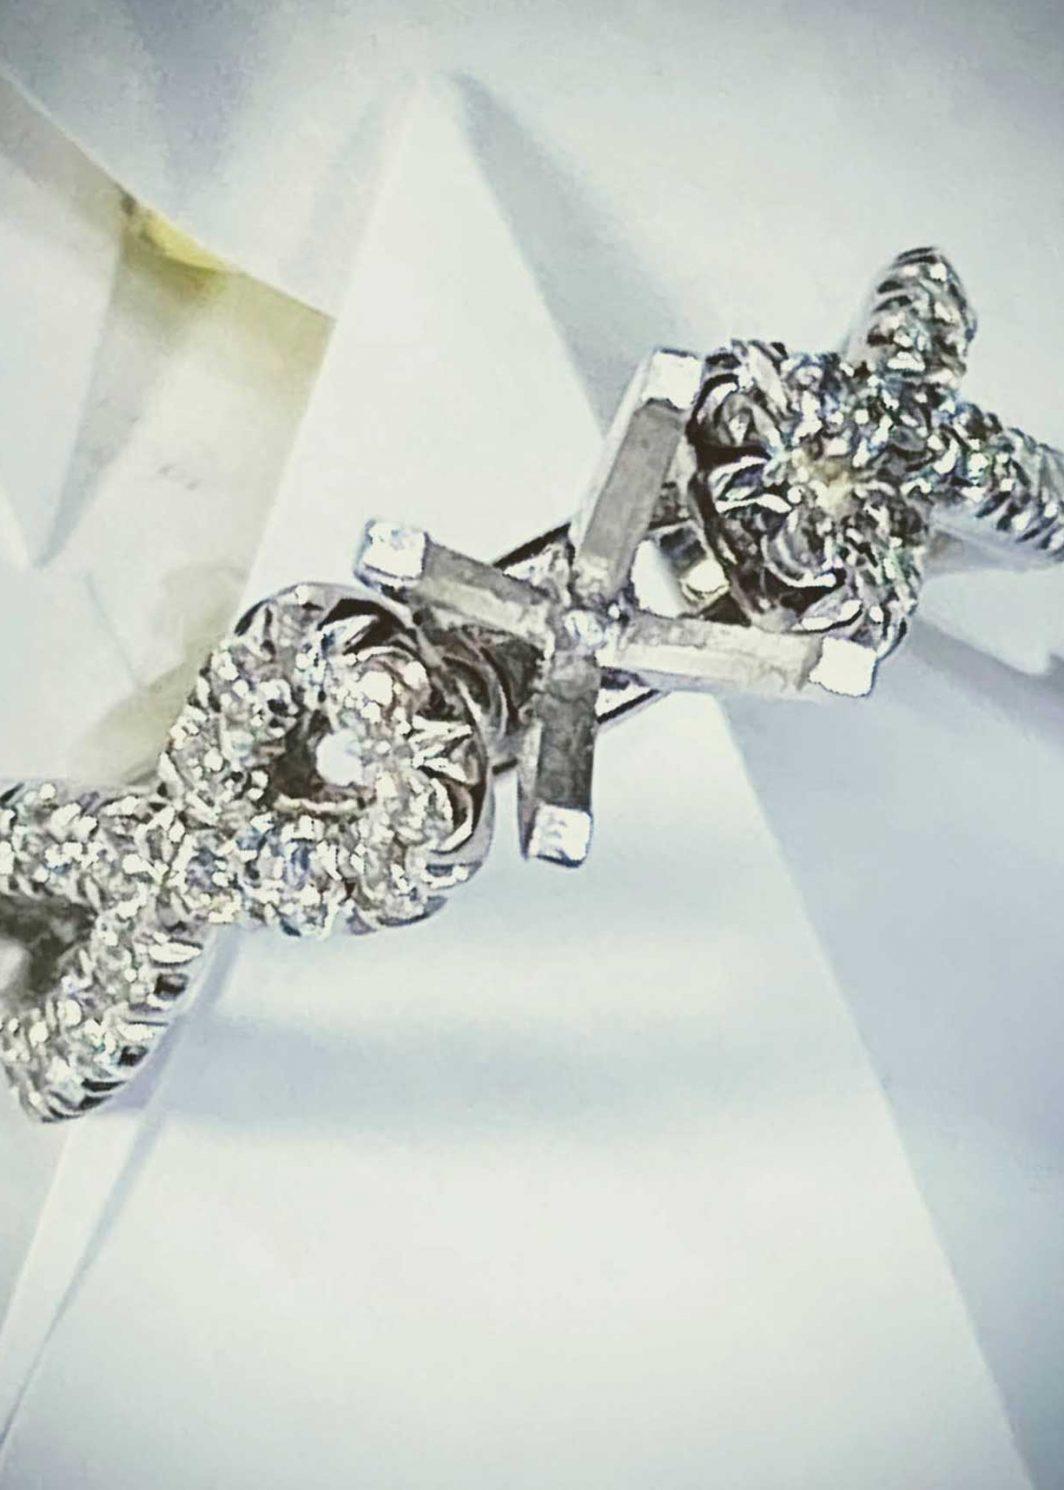 Engagement Ring Mounting (101-243)